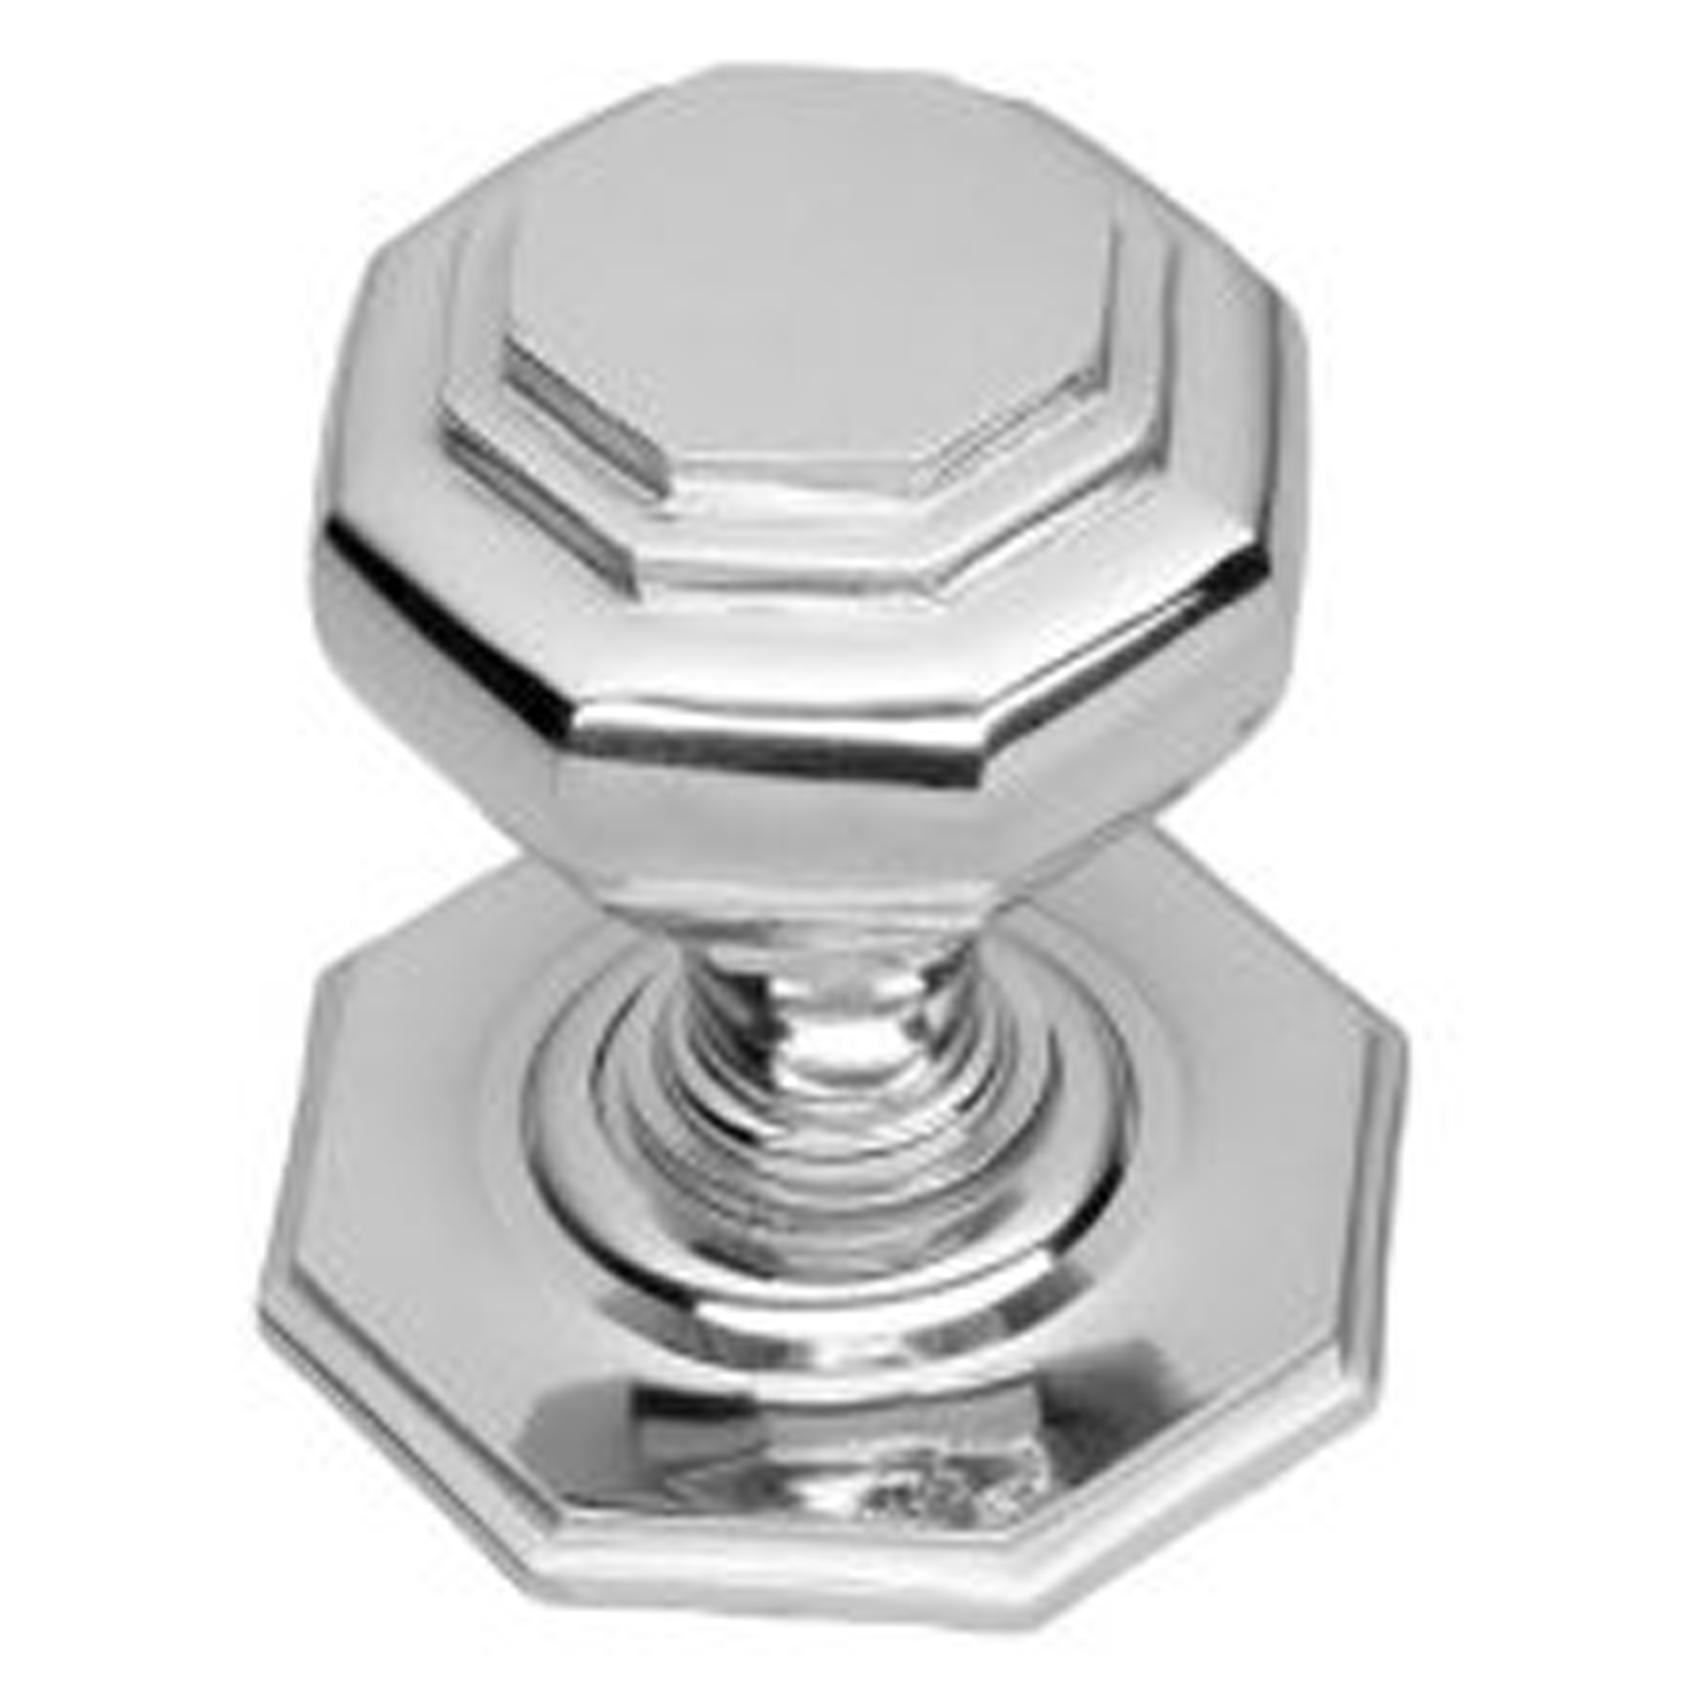 Snobsknobs exterior door knobs archives page 3 of 5 for Door knobs uk